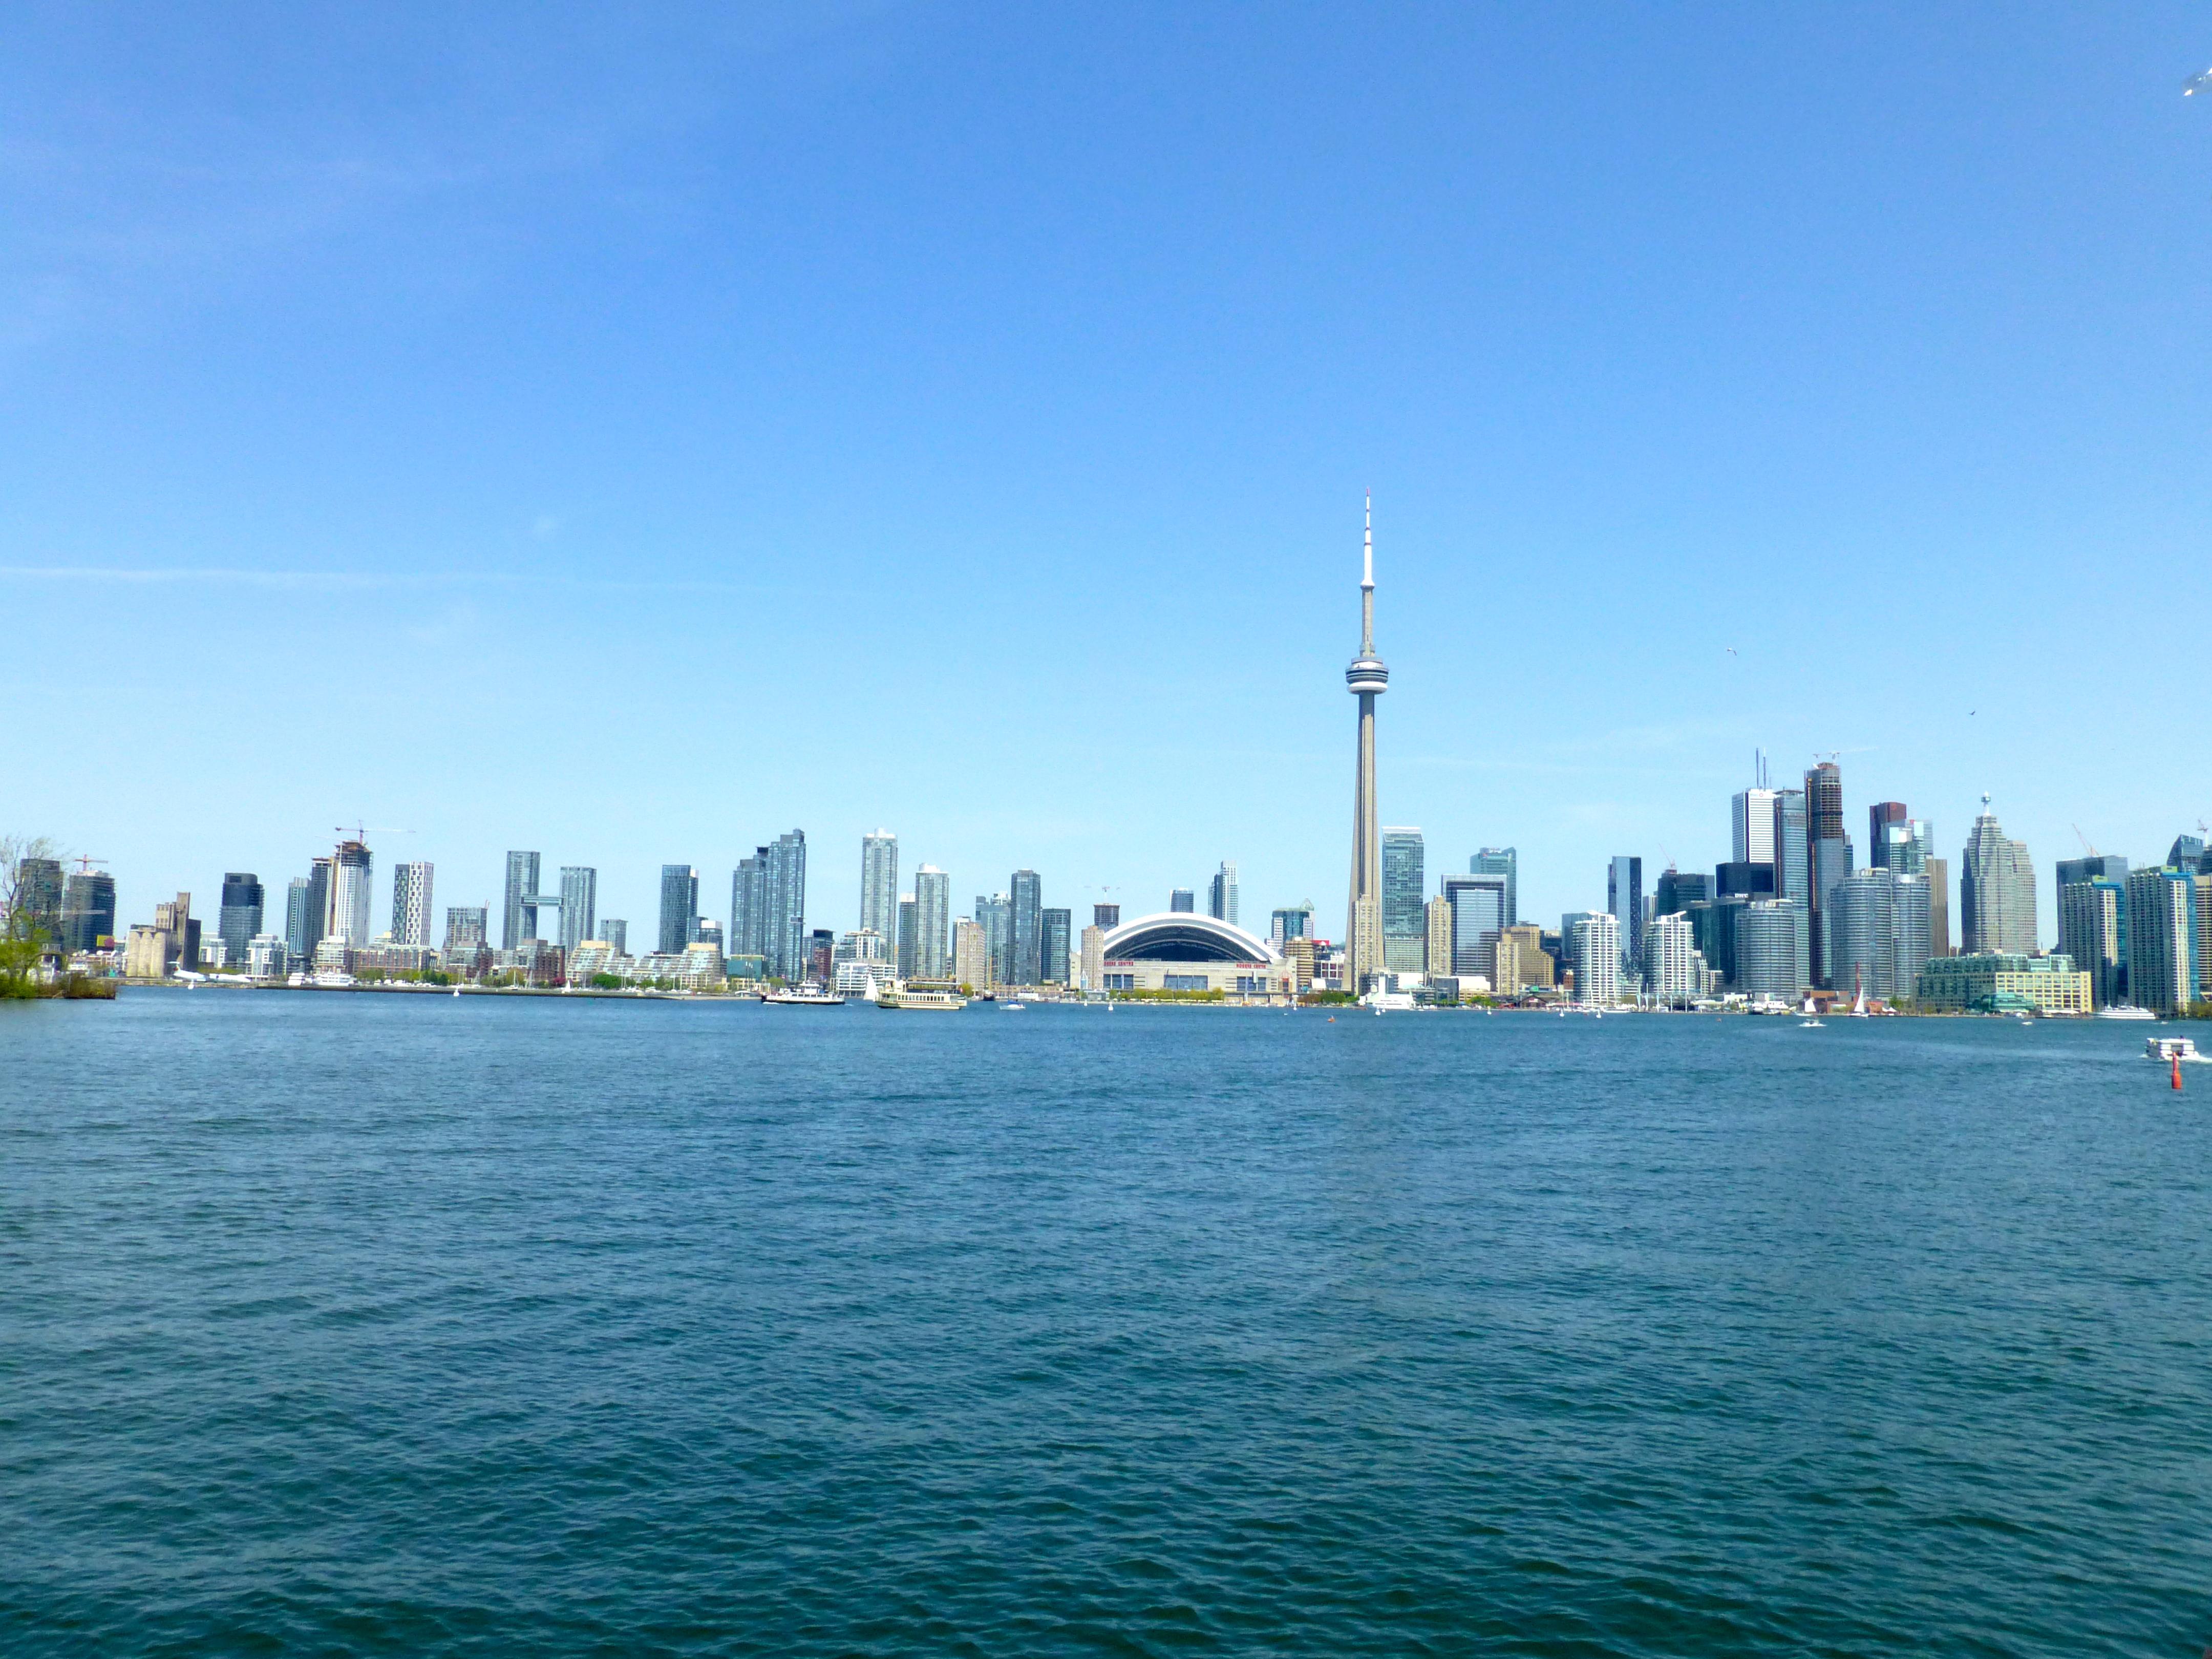 Toronto, a grande metrópole do Canadá